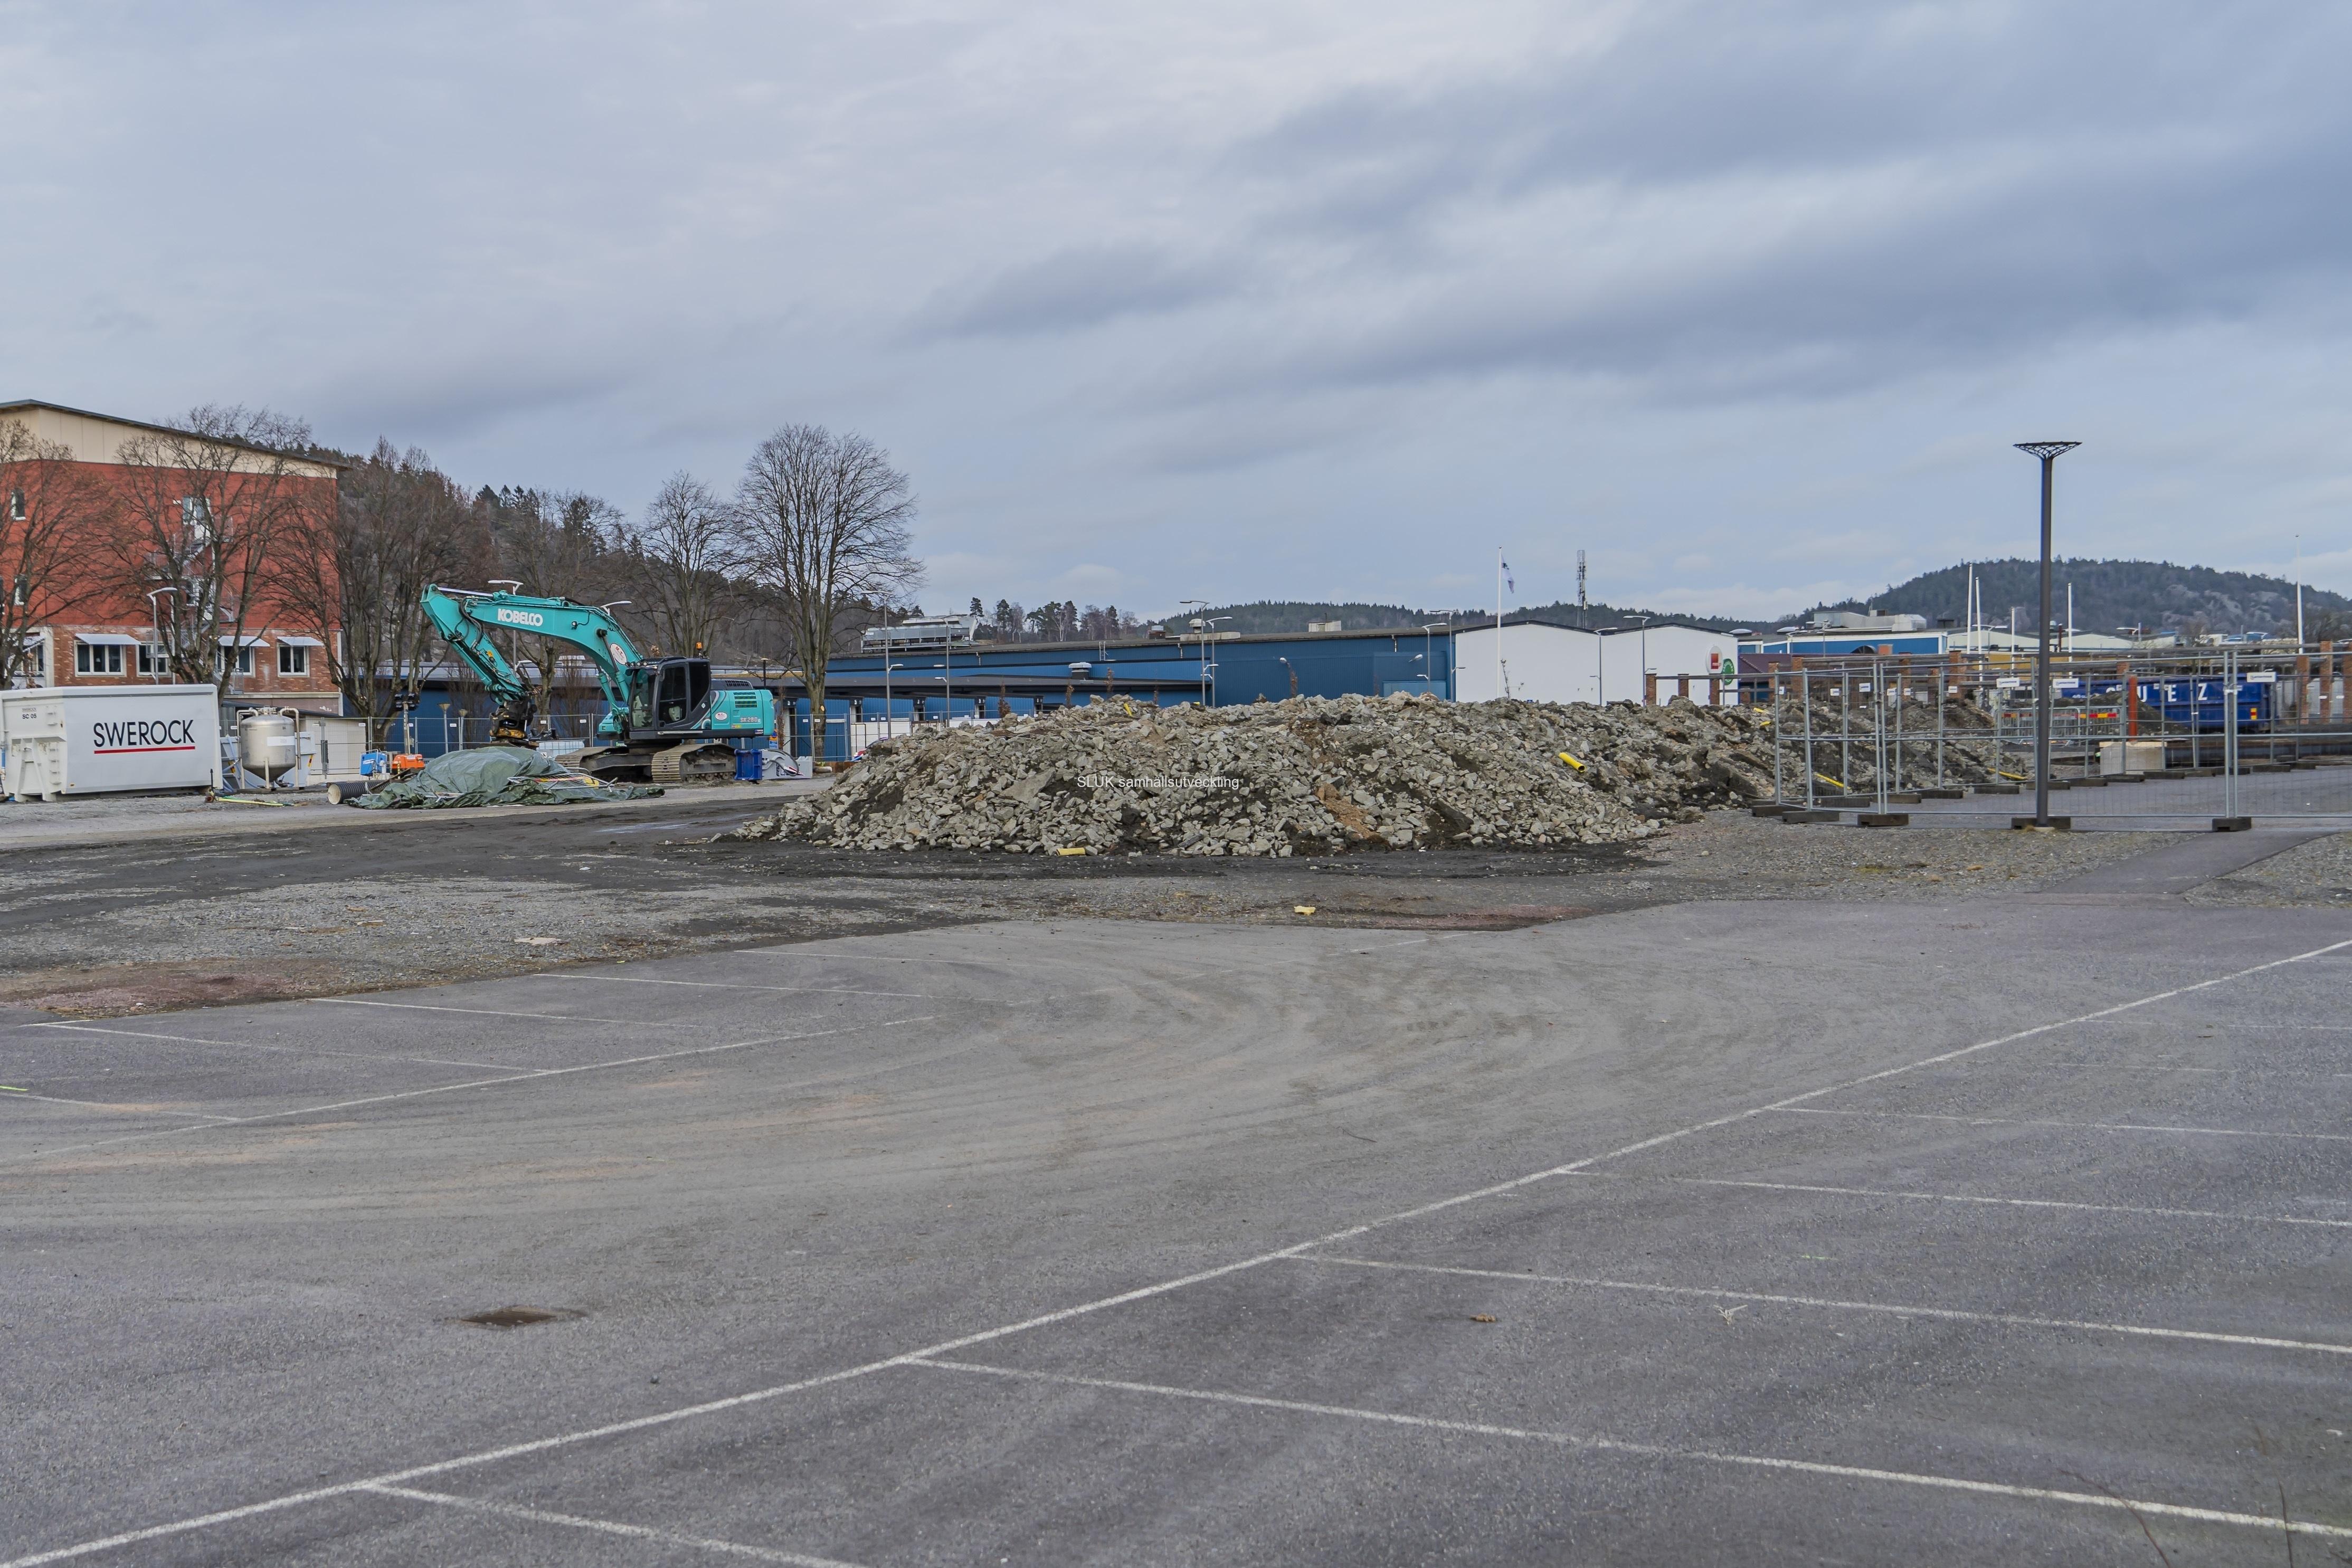 Vid Partille Arena, förbereds bygget av den nya simhallen. Partillebo fick uppdraget av kommunfullmäktige under 2018 att uppföra en  ny simhall i centrum. Peab har fått uppdraget av Partillebo.